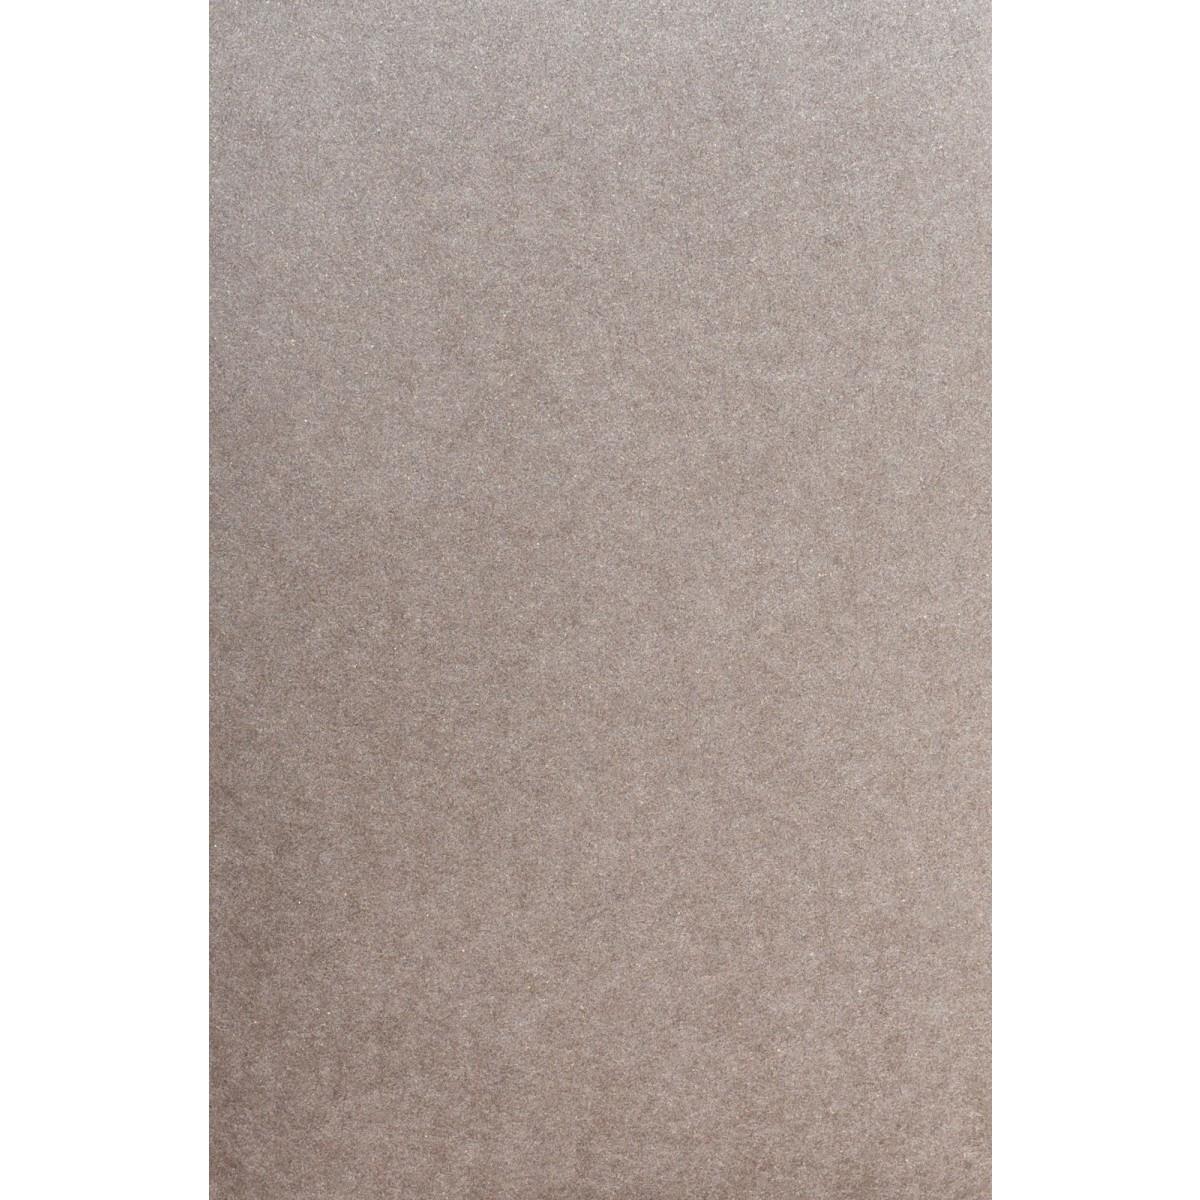 Обои флизелиновые Prospero Indigo серые 0.53 м 225999 Indigo